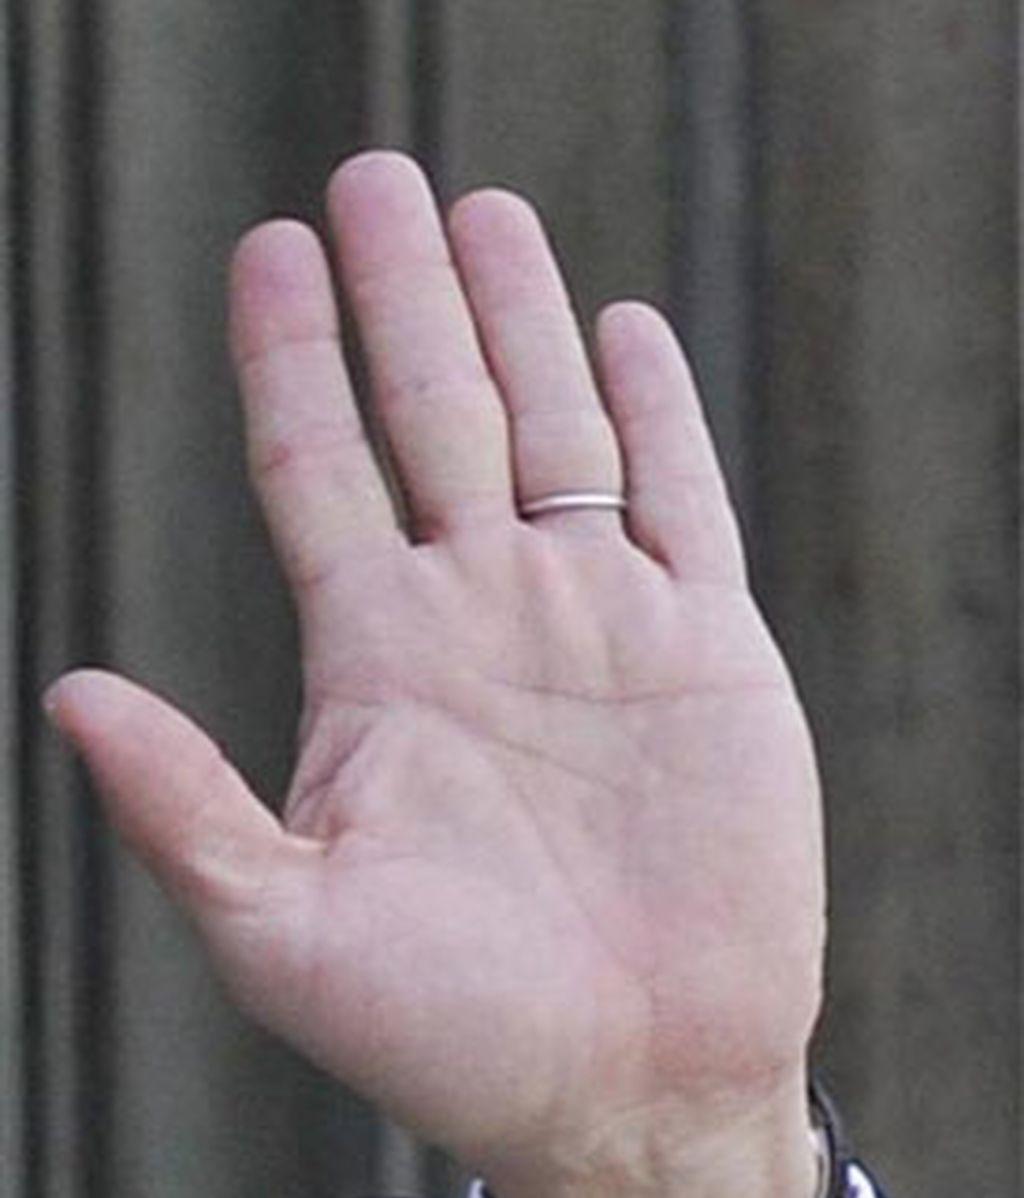 Los hombres cuyos dedos índices son más cortos que sus dedos anulares podrían tener penes más largos. Foto: EFE.